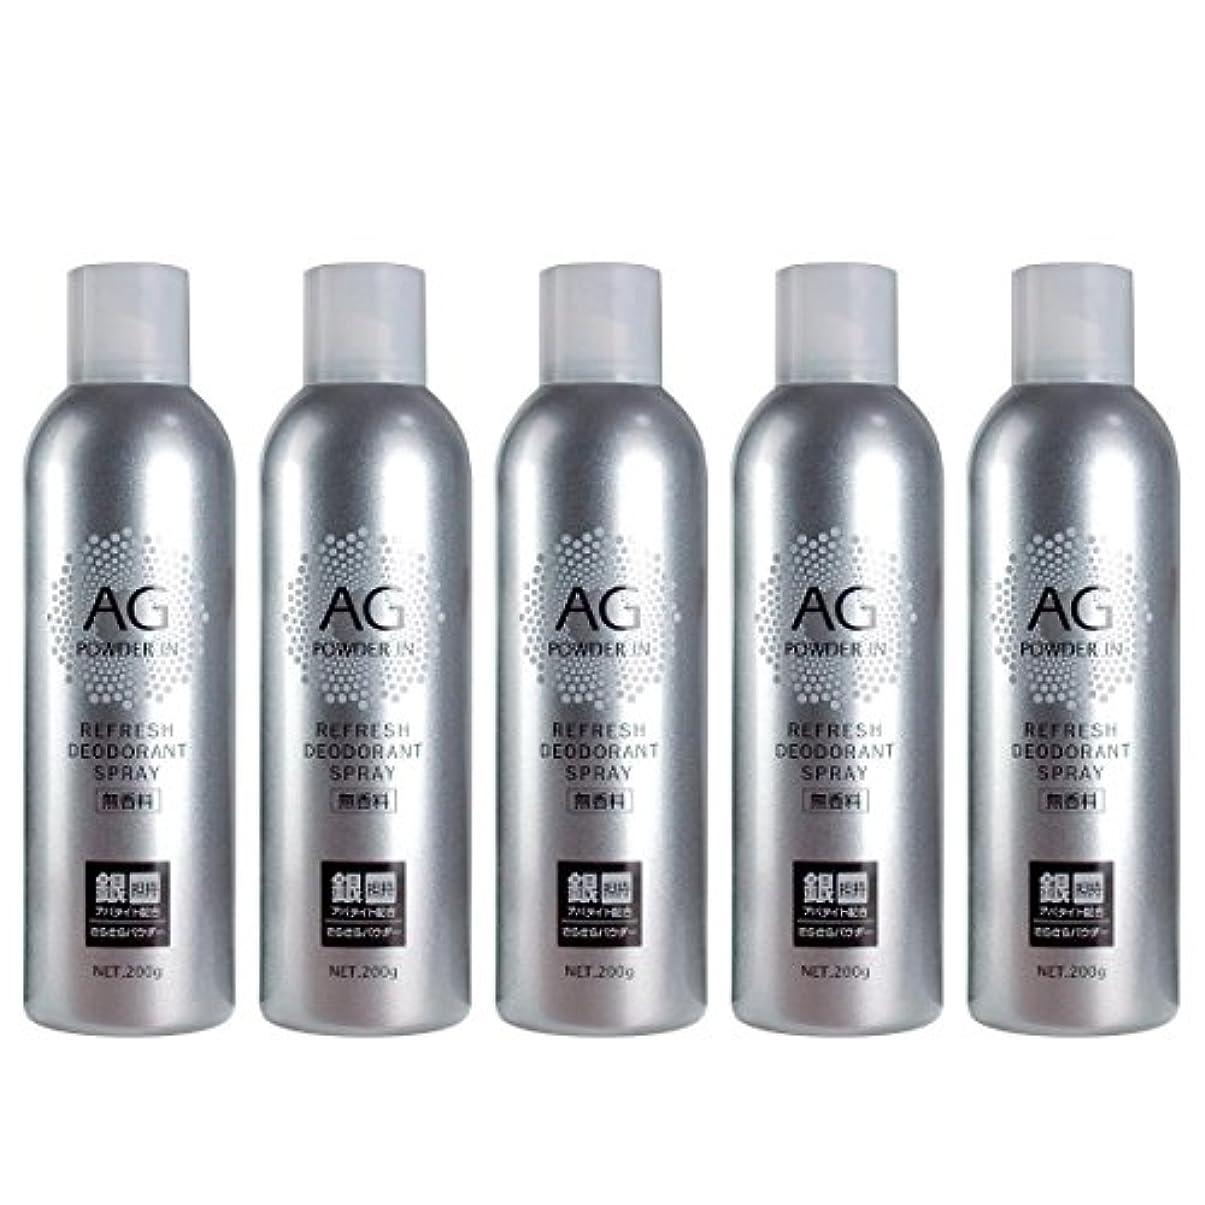 仕立て屋合わせて変わるデオドラントスプレー AG 銀スプレー 人気 無香料 200g×5本セット